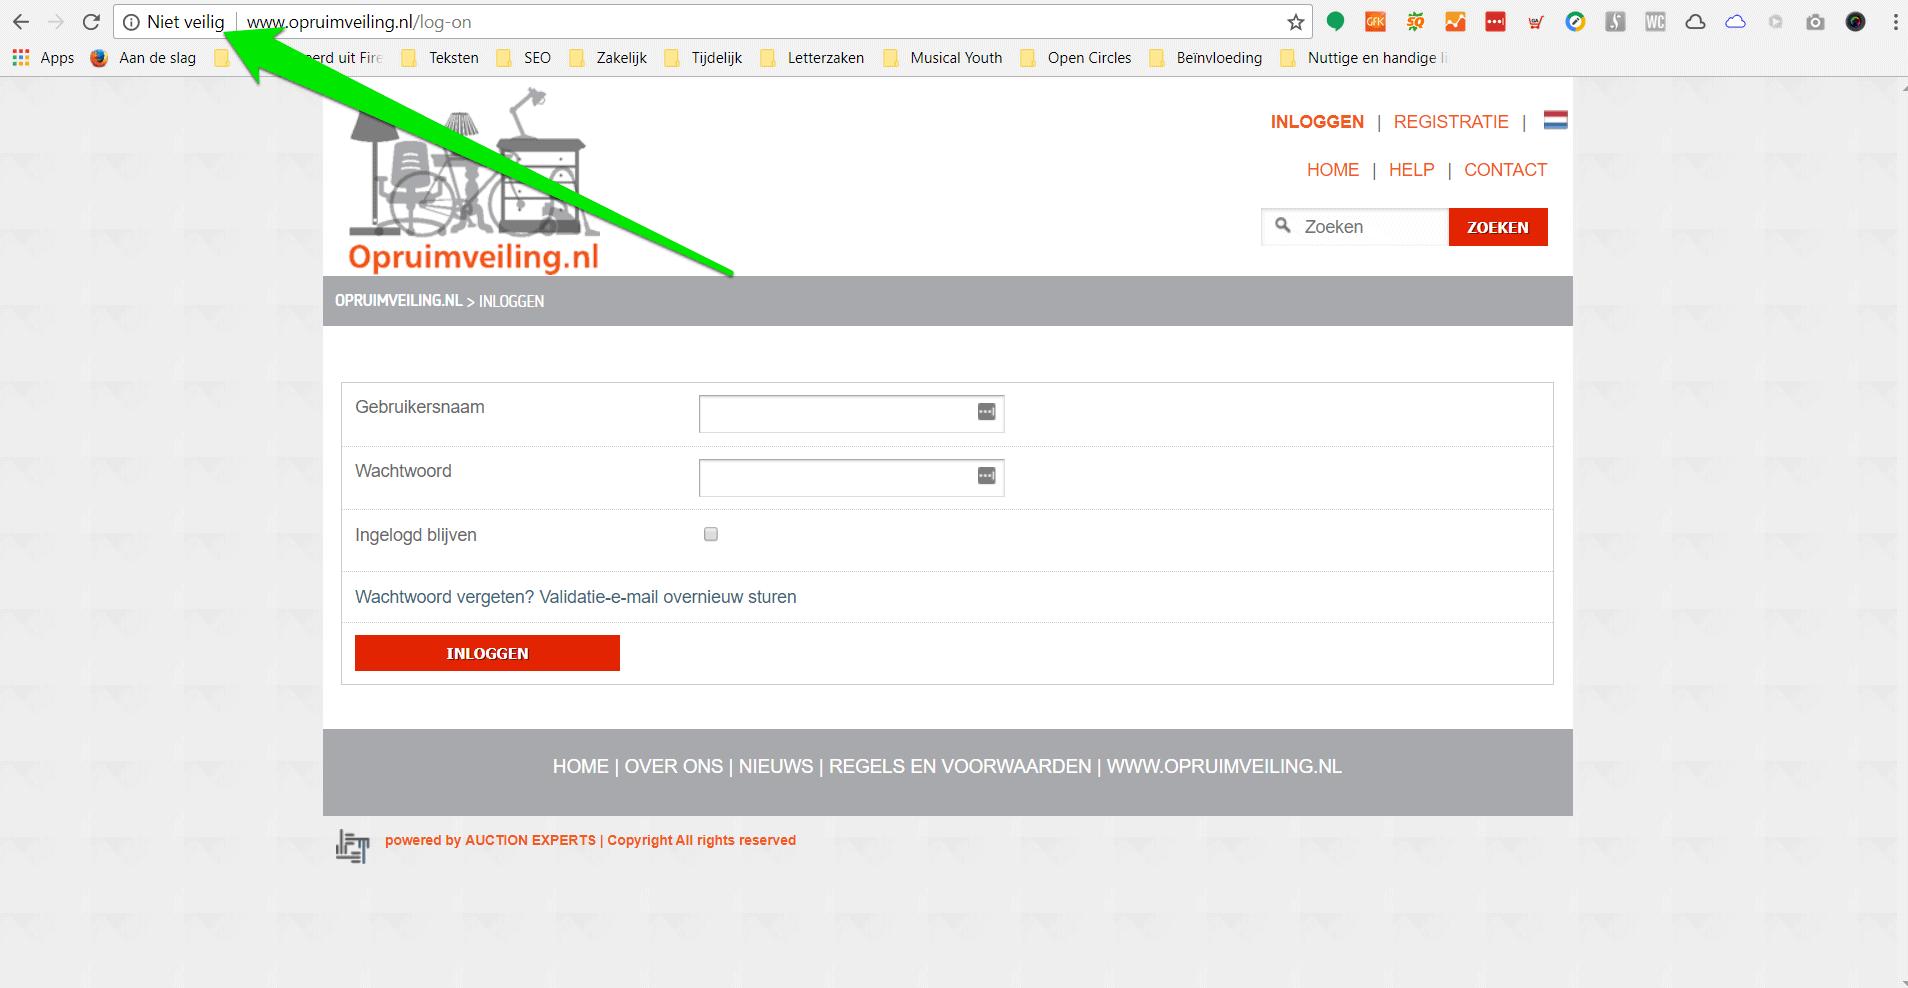 Inlogpagina gemarkeerd als niet veilig in Google Chrome vanwege ontbreken HTTPS